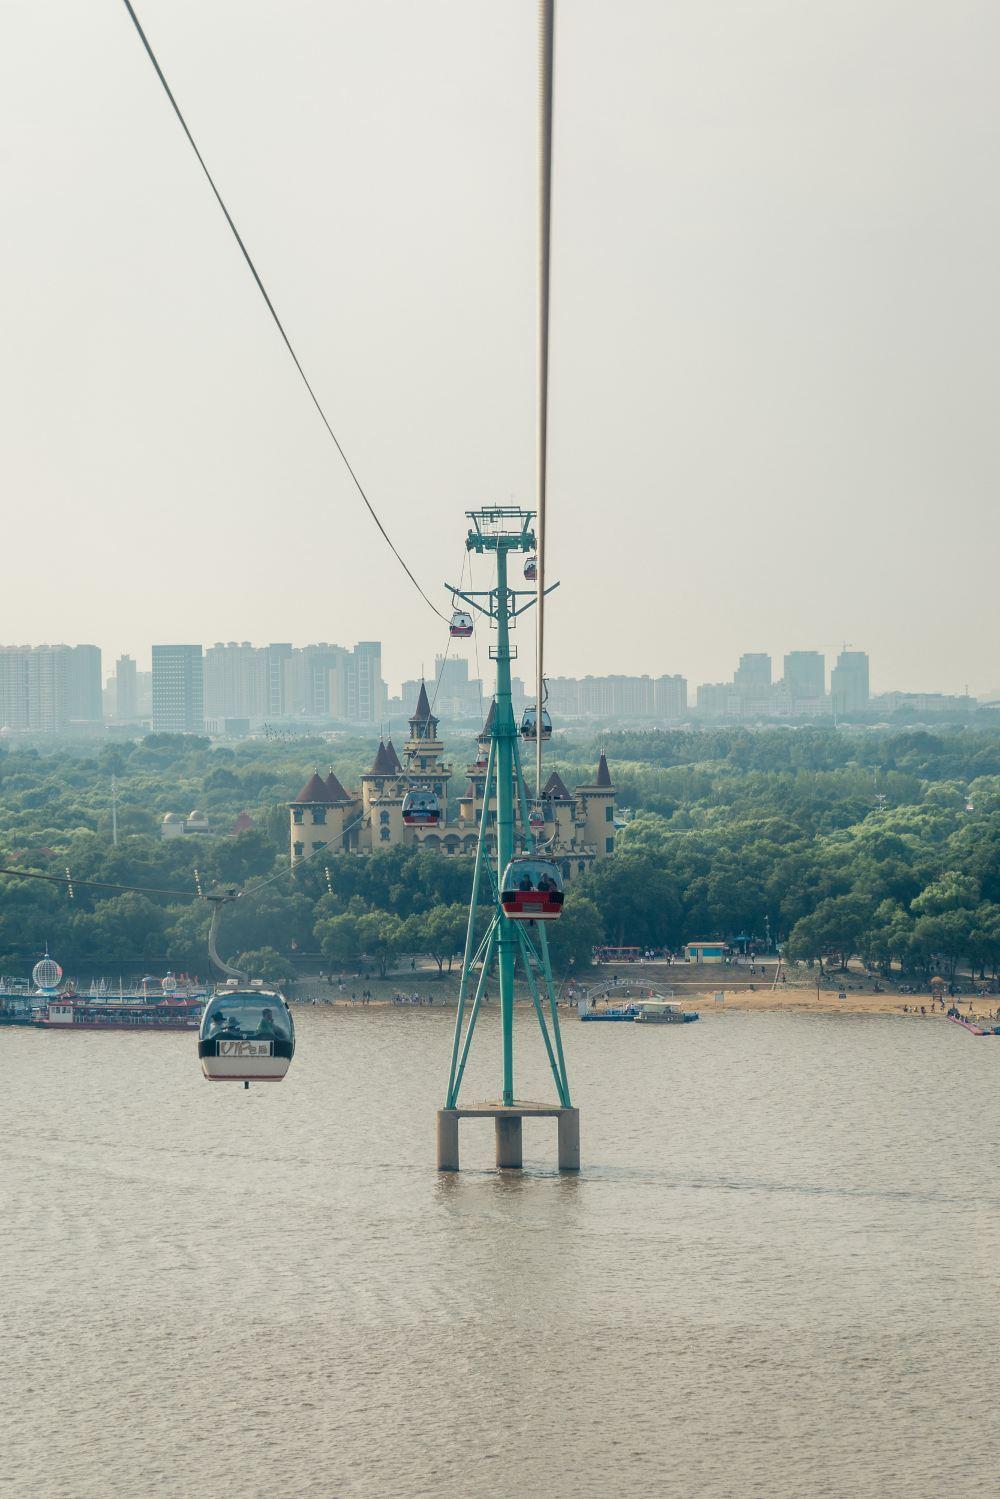 高清哈尔滨松花江观光索道旅游景点风景美图